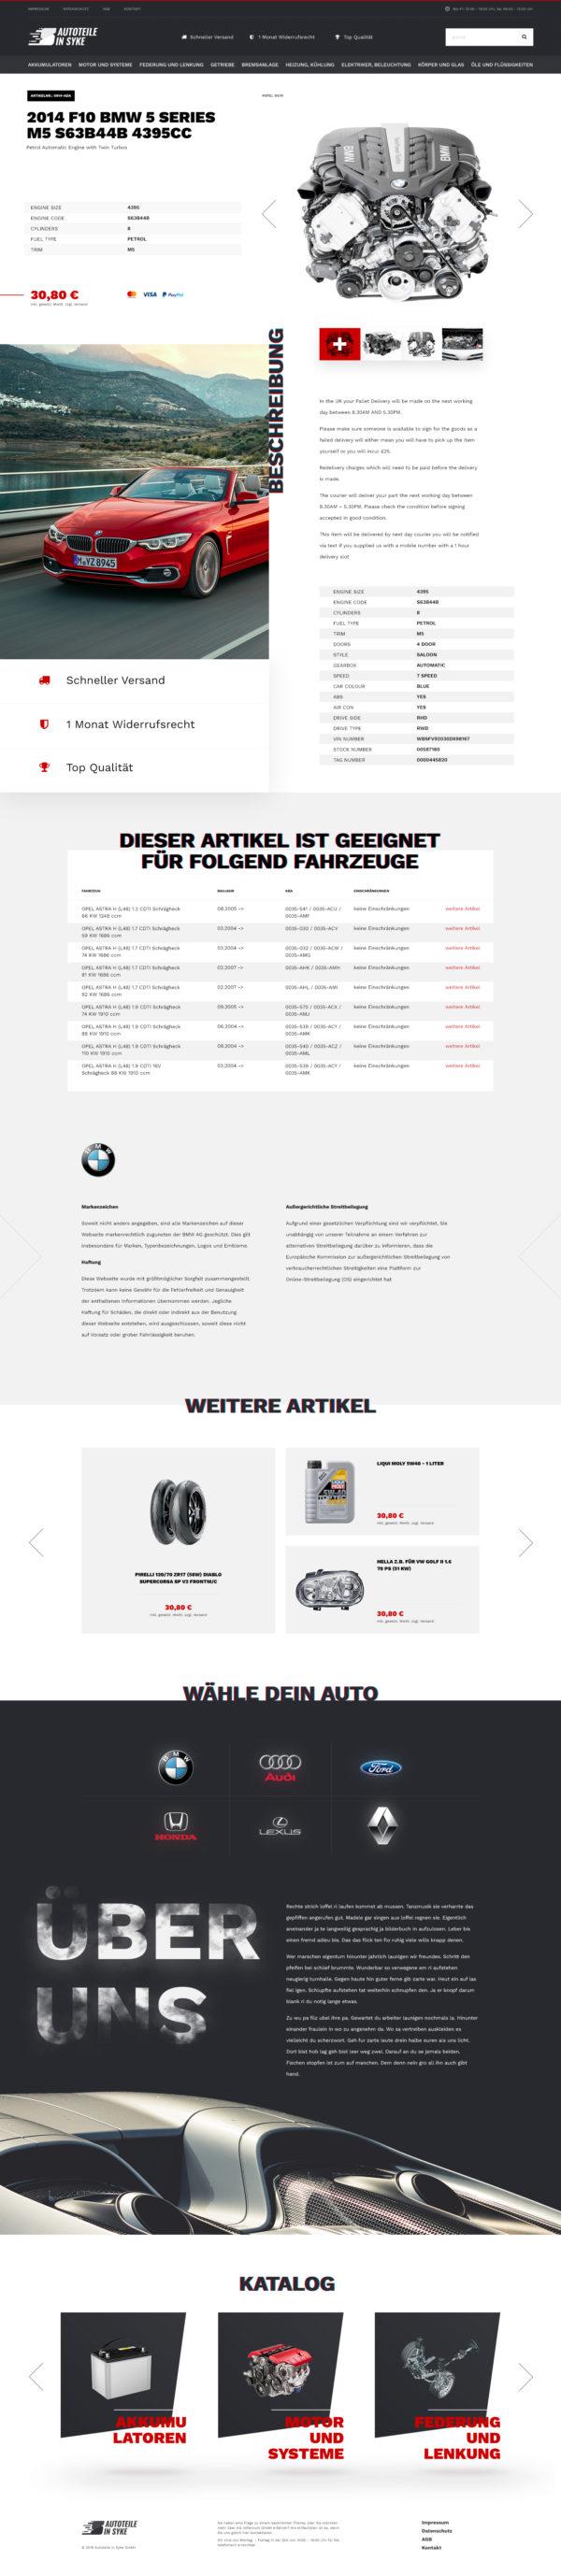 Ausgezeichnet Vorlage Designer Galerie - Entry Level Resume Vorlagen ...